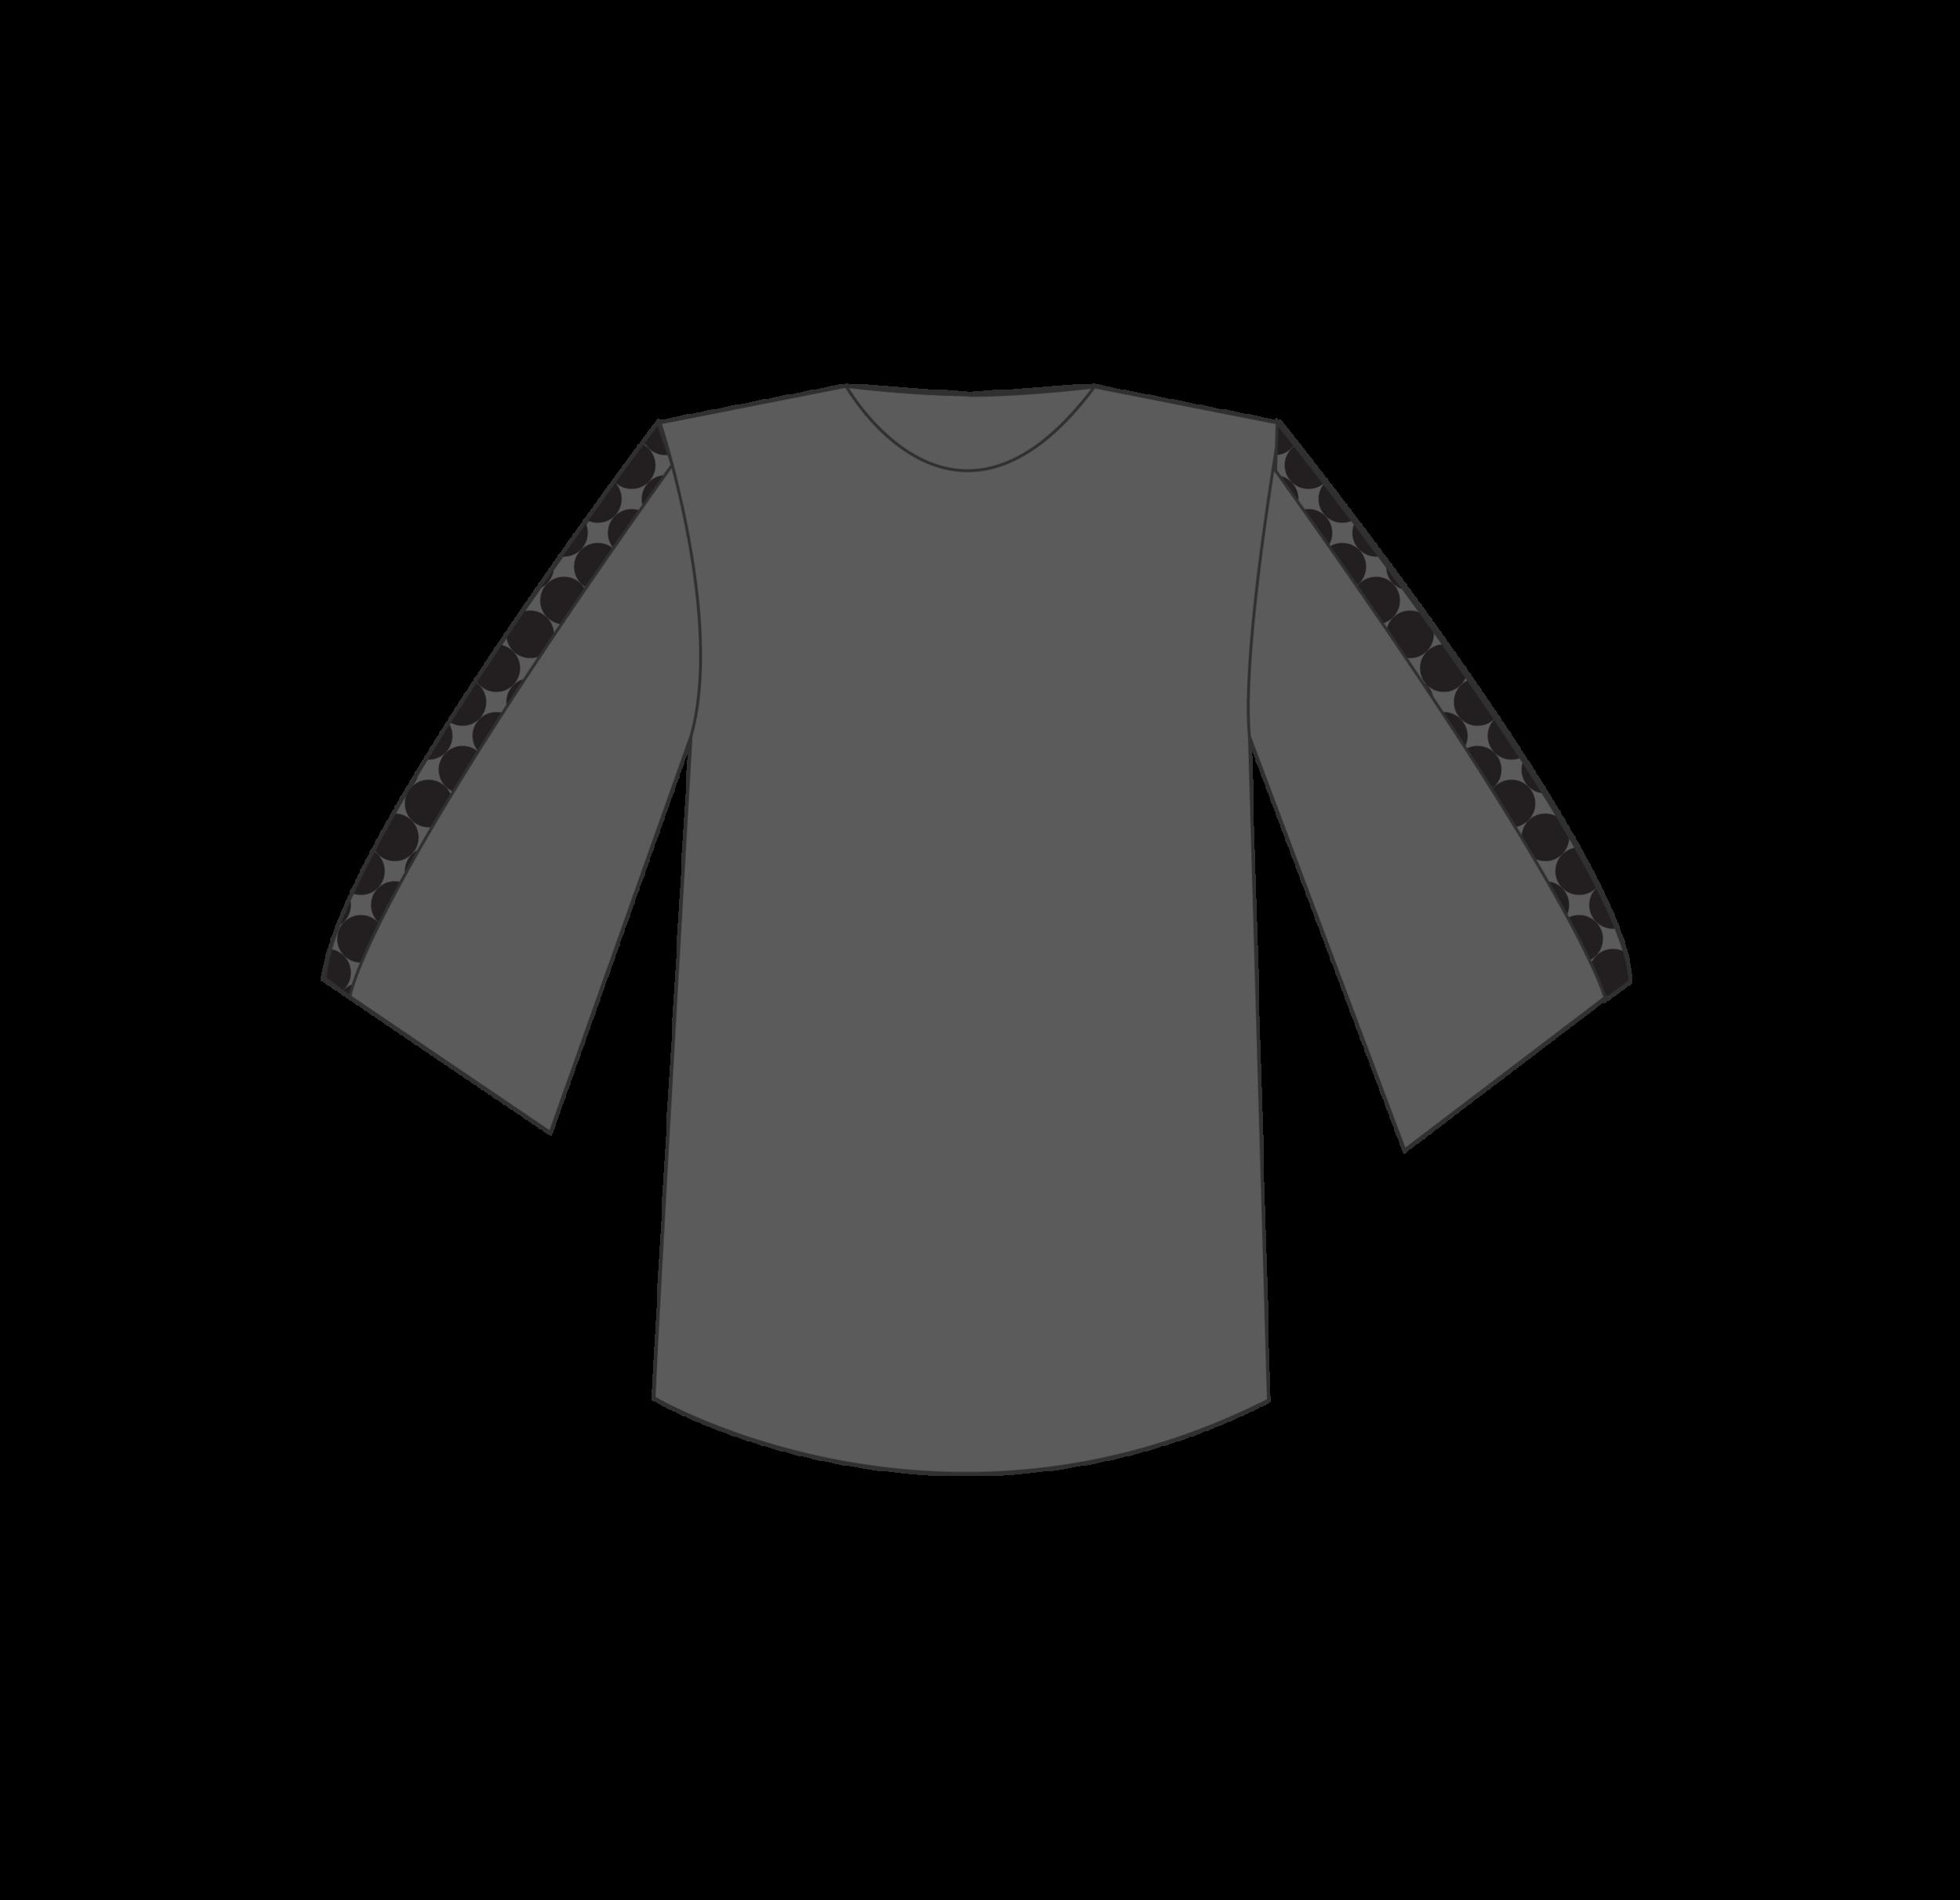 Blackshirtwithlace-01.png